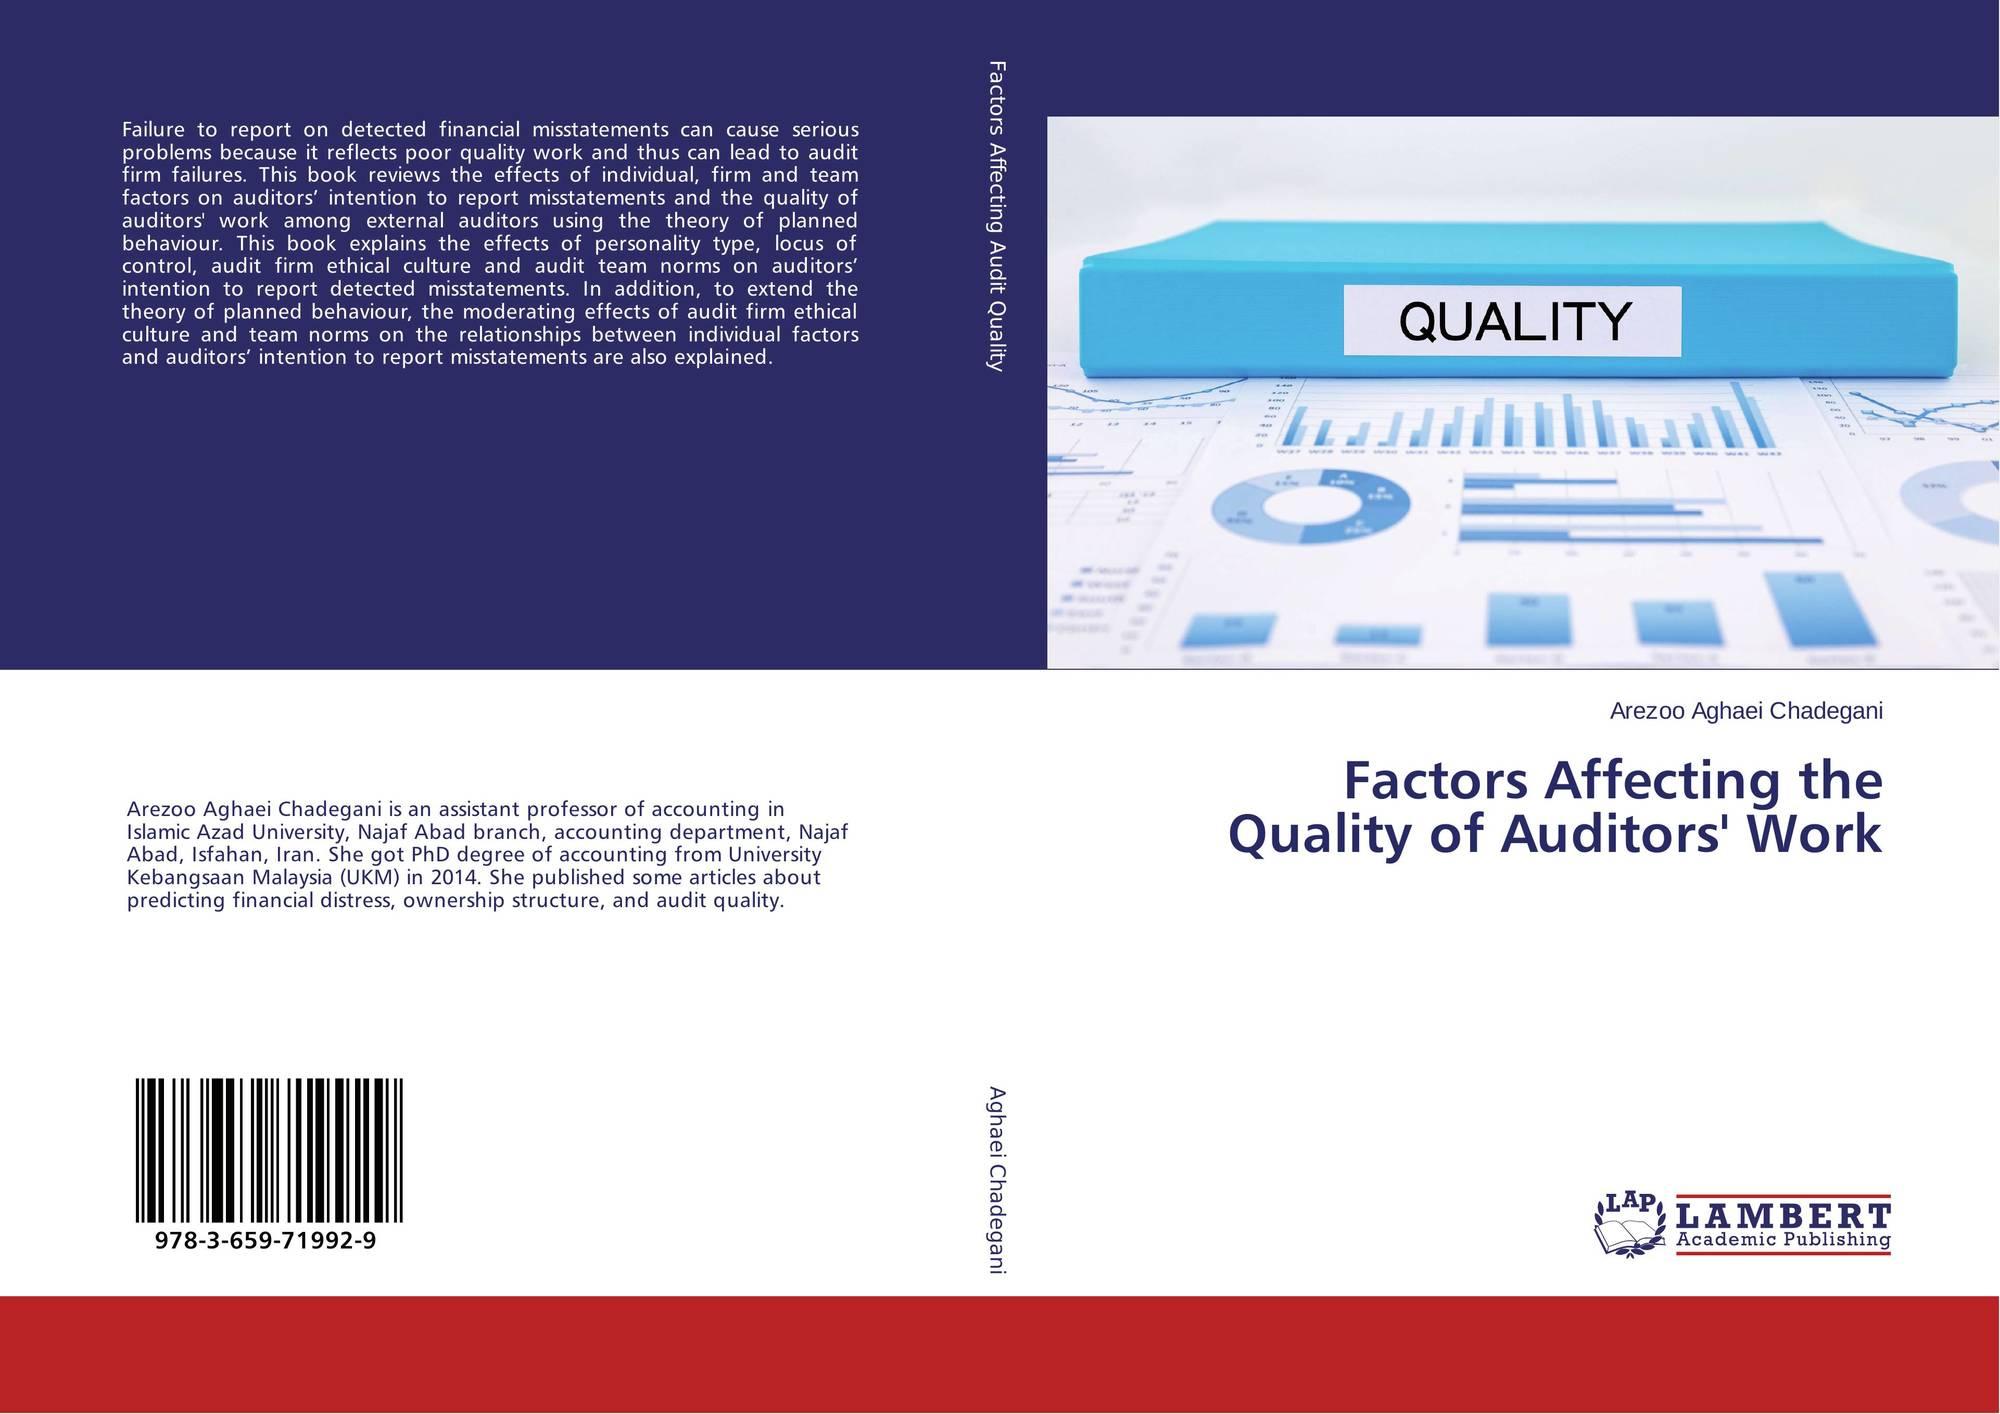 audit firm culture